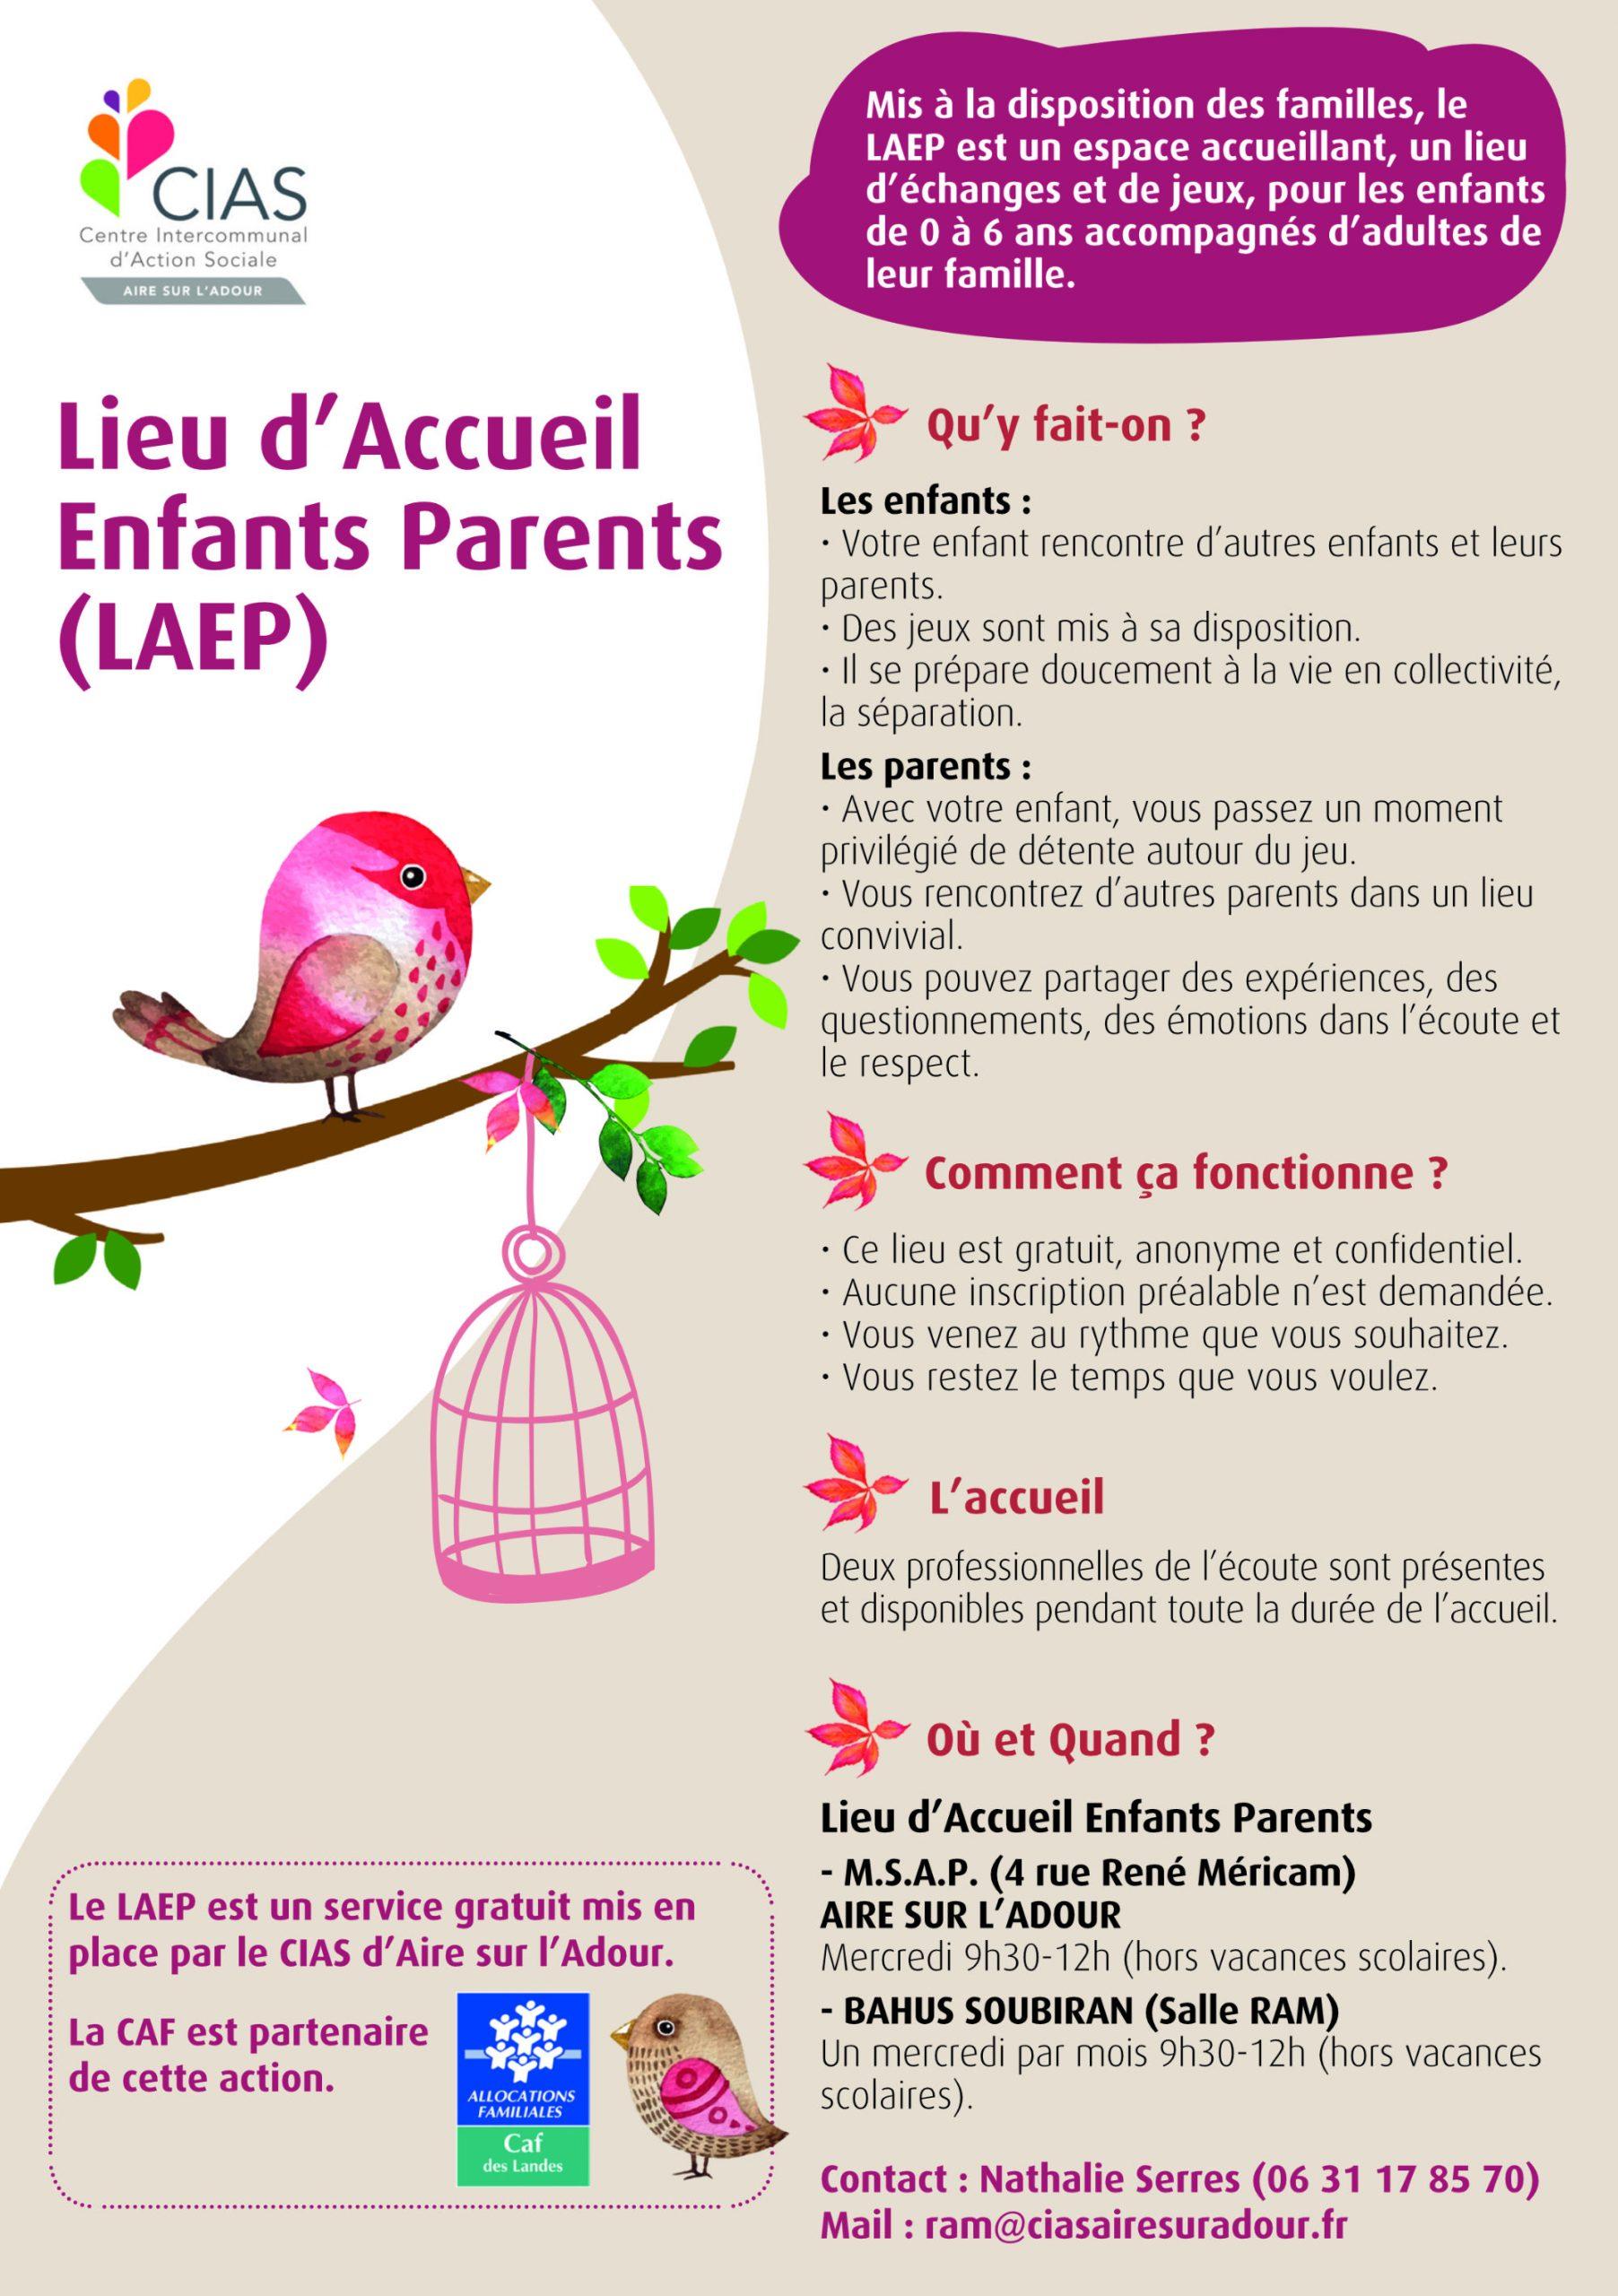 Flyer Lieu d'Accueil Enfants Parents